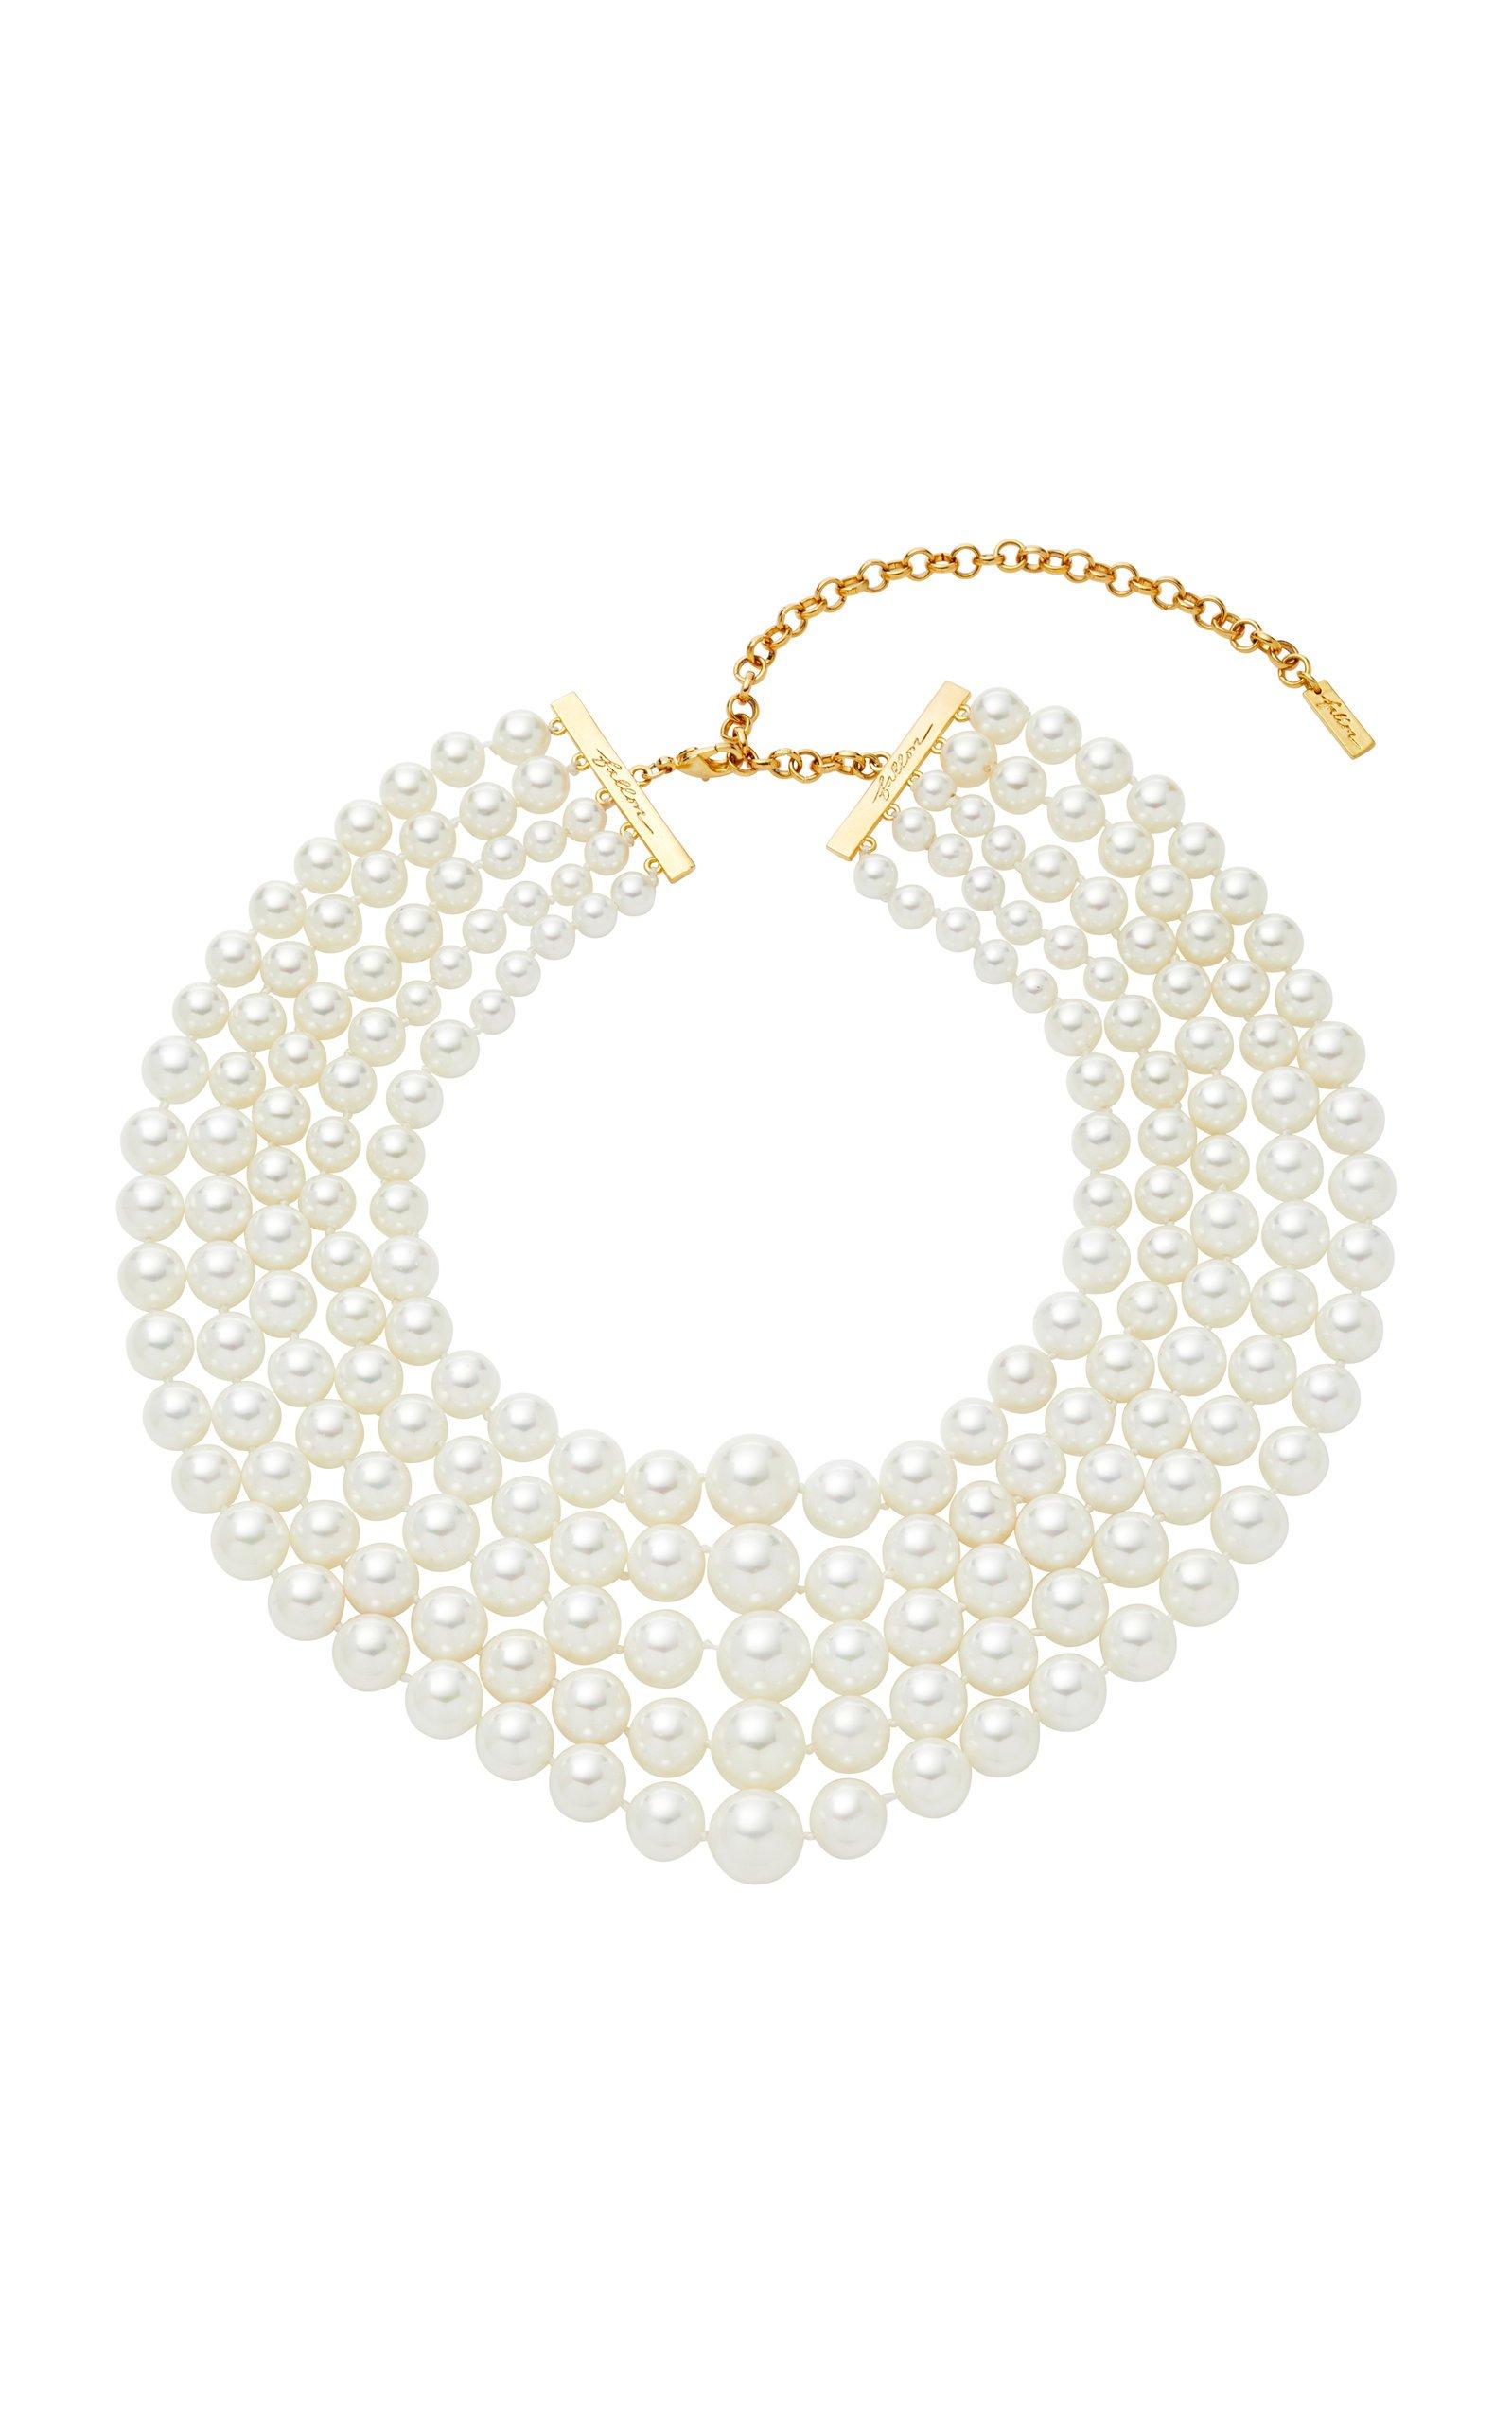 Faux Pearl Gold-Plated Choker by FALLON | Moda Operandi